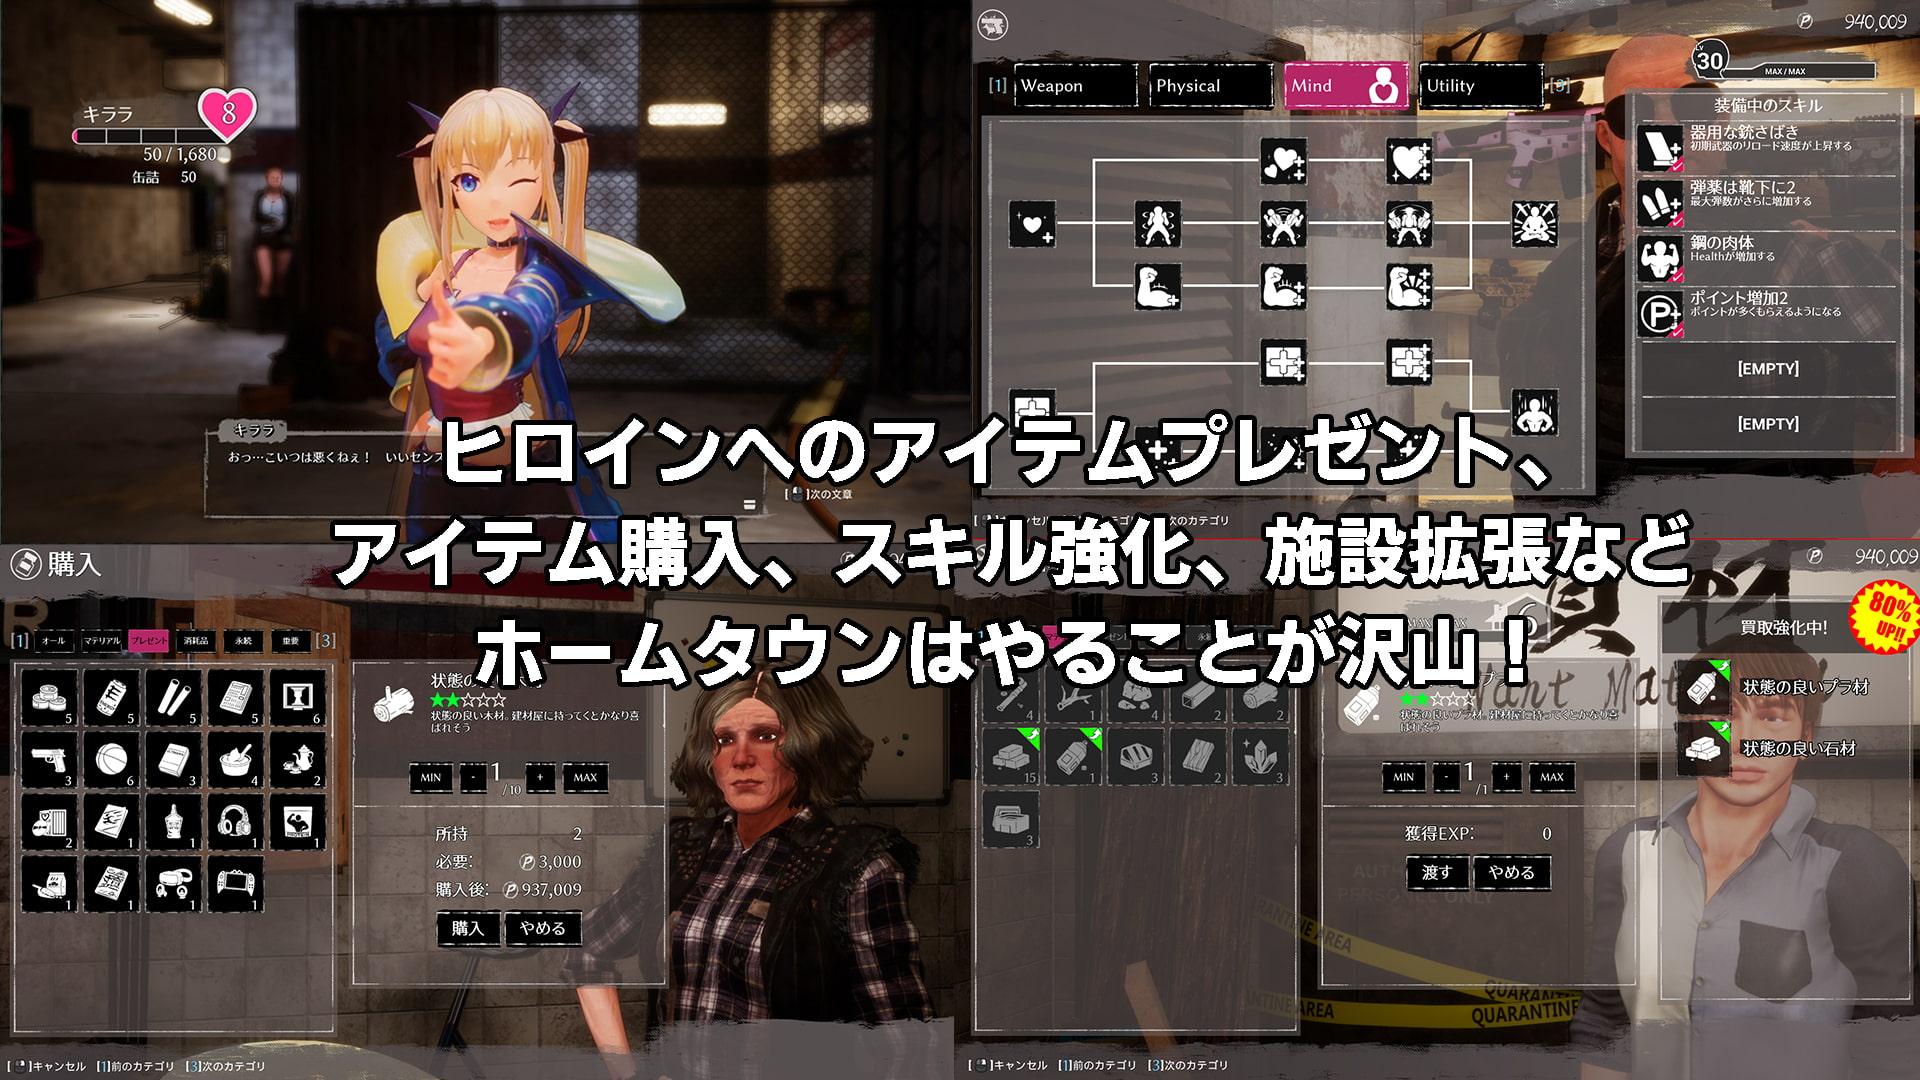 シードオブザデッド:スイートホーム【アダルトゲーム】(TeamKRAMA)10